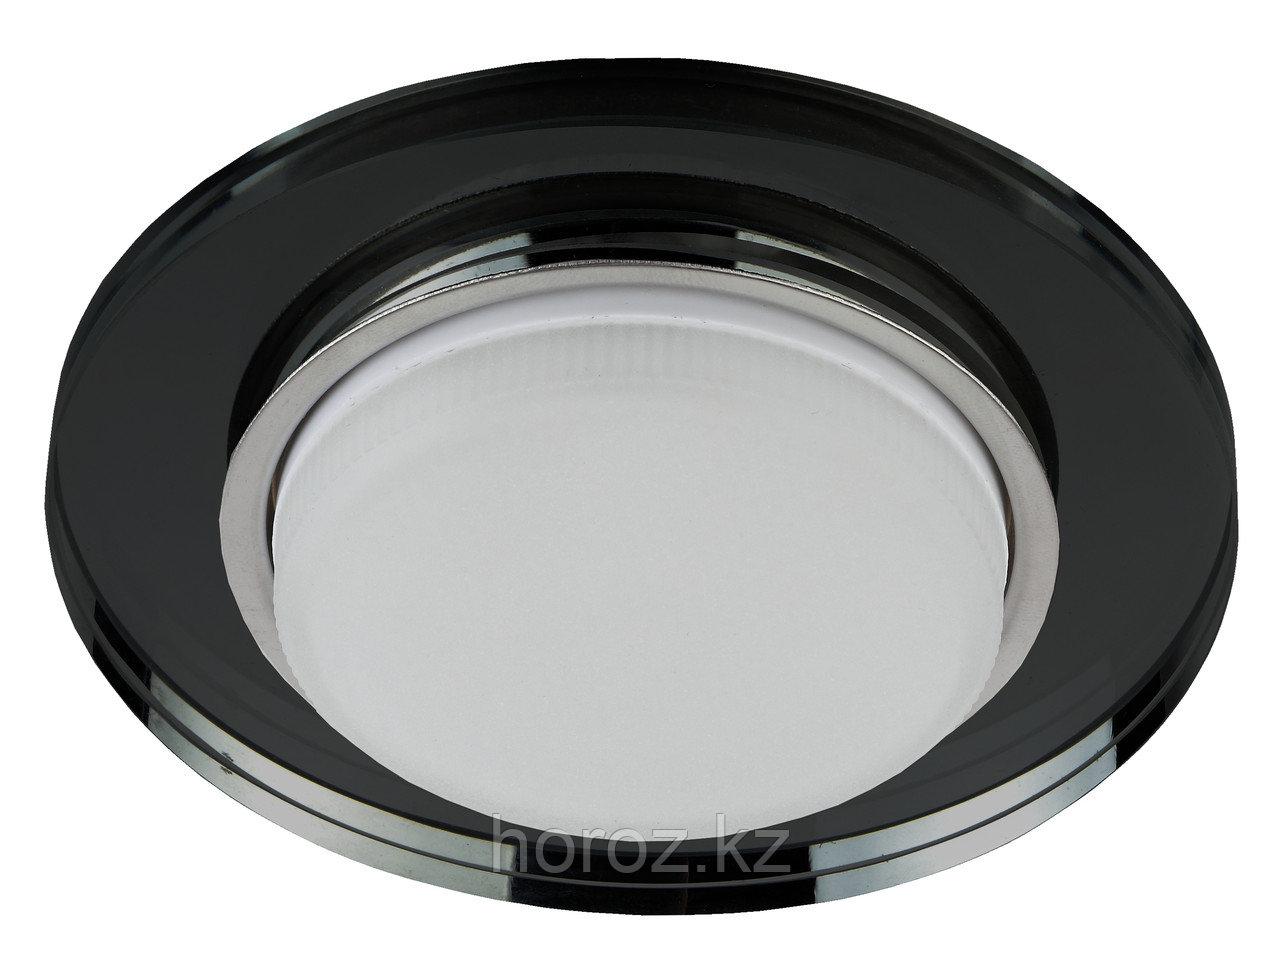 Точечный светильник под лампу GX53 черный